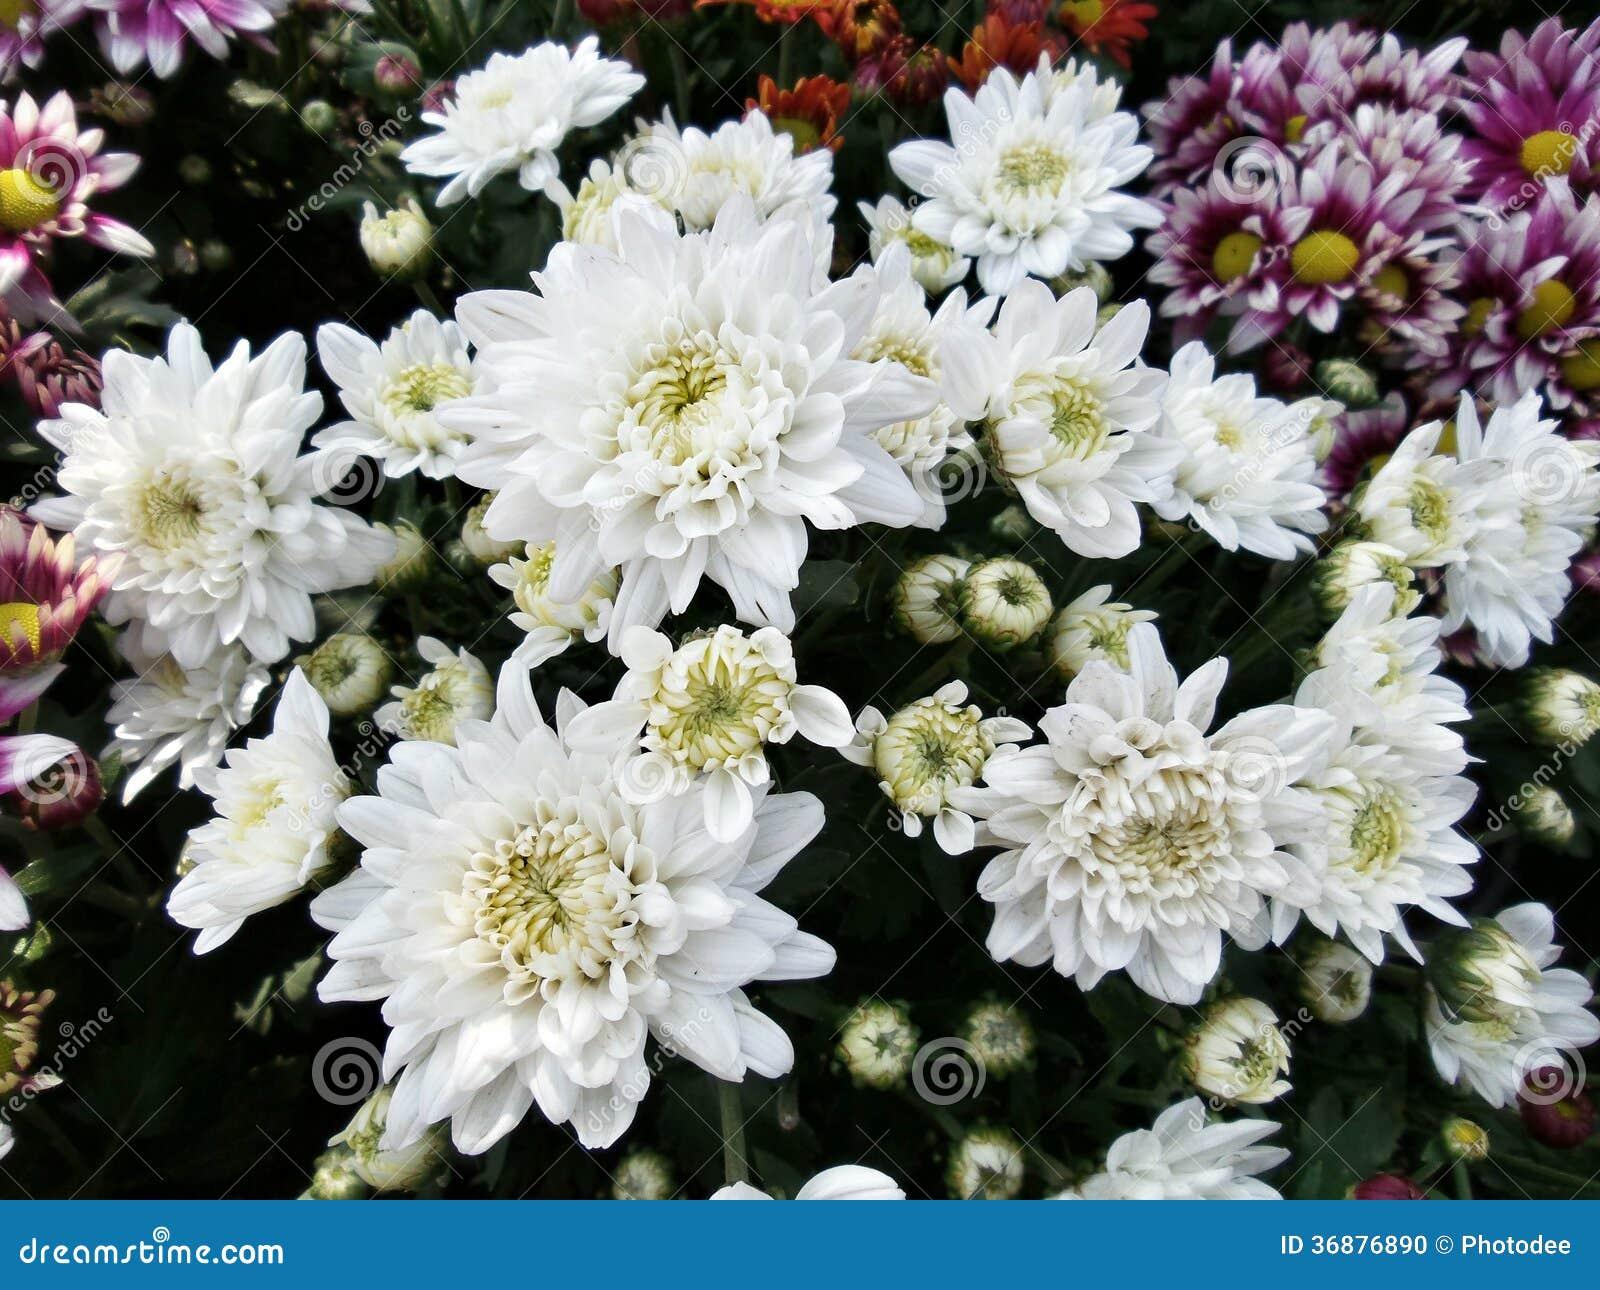 Download Il bianco chrysanthemumden fotografia stock. Immagine di crisantemo - 36876890